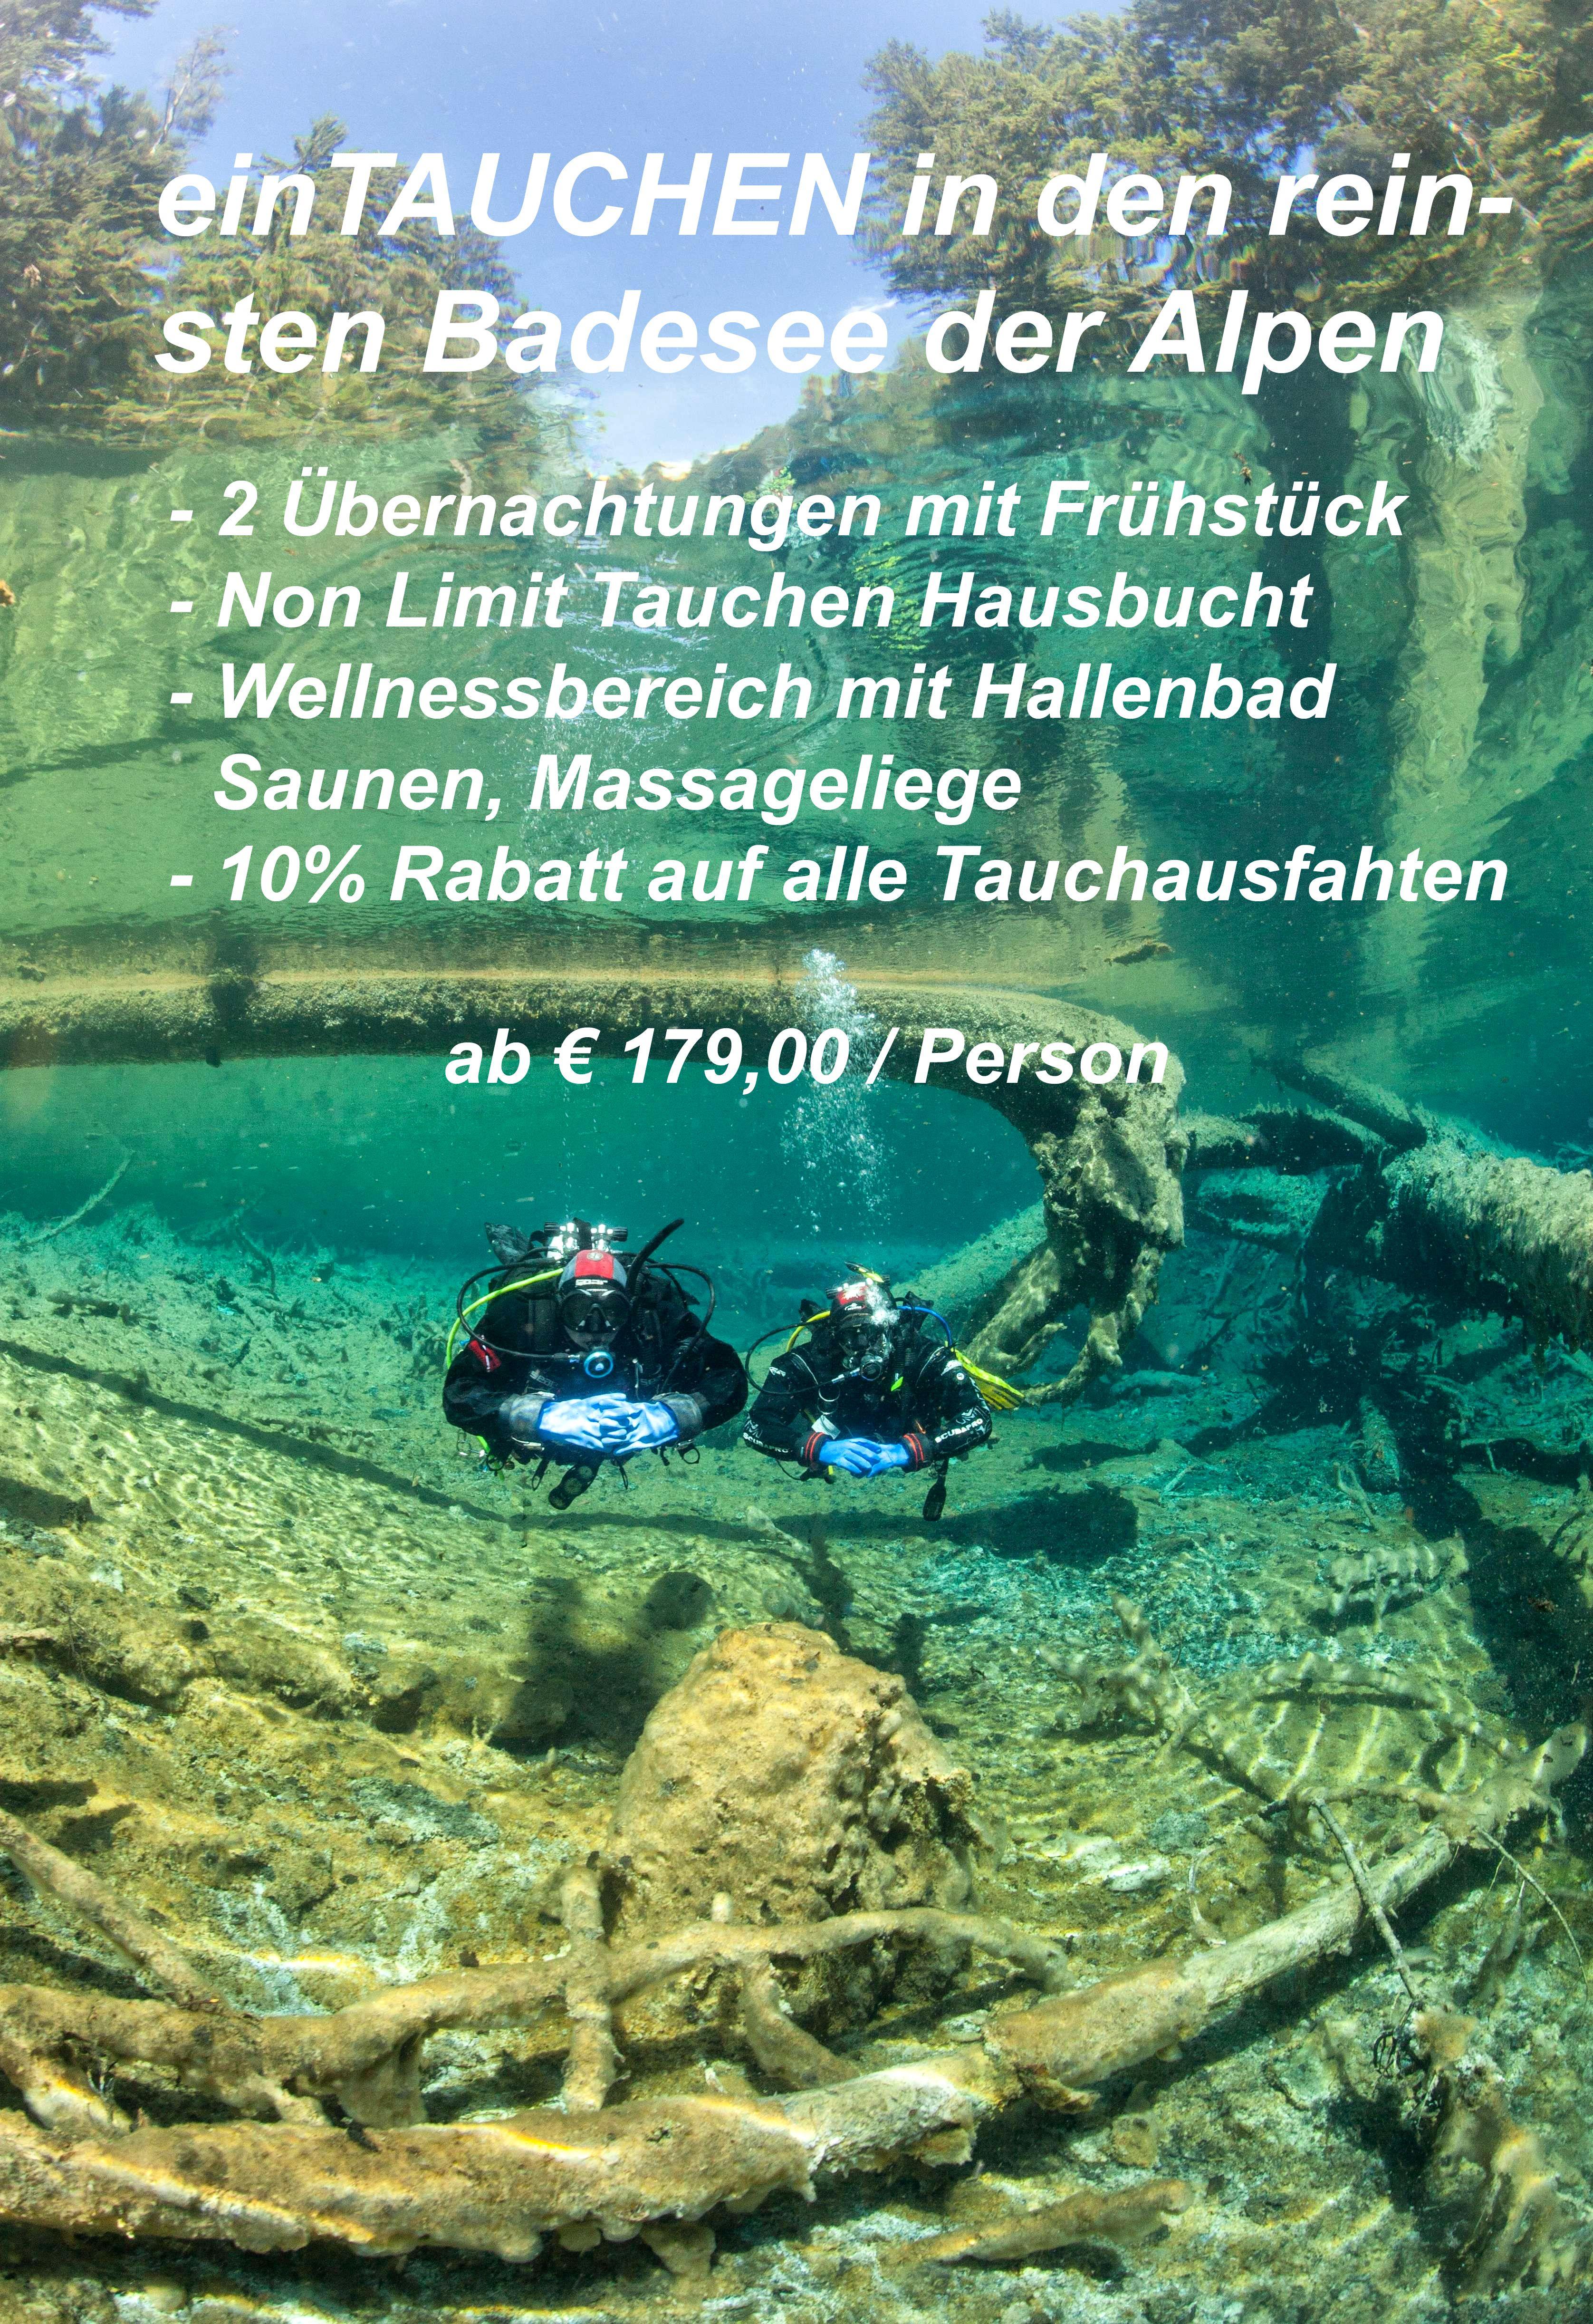 #tauchen #tauchurlaub #weissensee #urlaubspauschale #naturparkweissensee #taucheninösterreich #tauchenweissensee